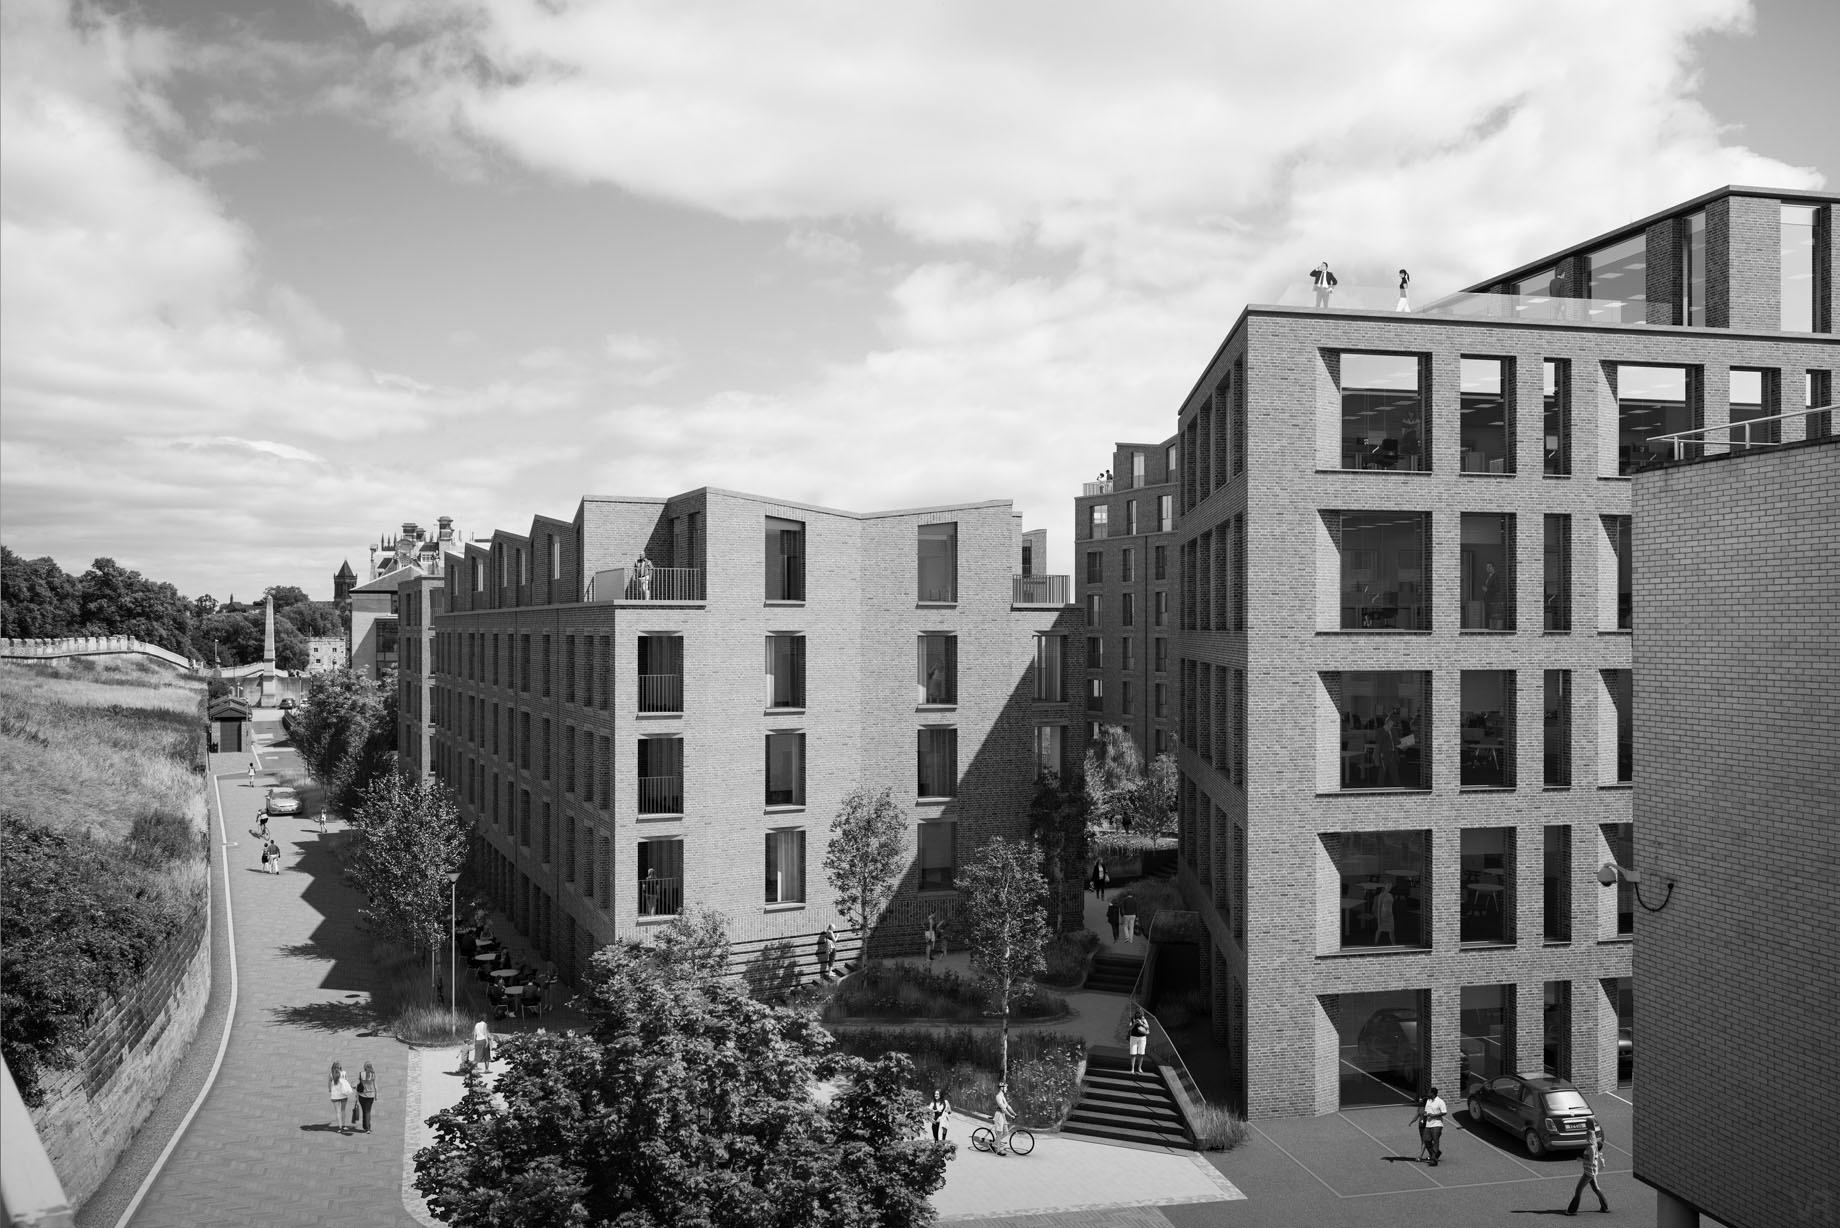 HudsonHouse-AVR-View4-FINAL v3_sml-1